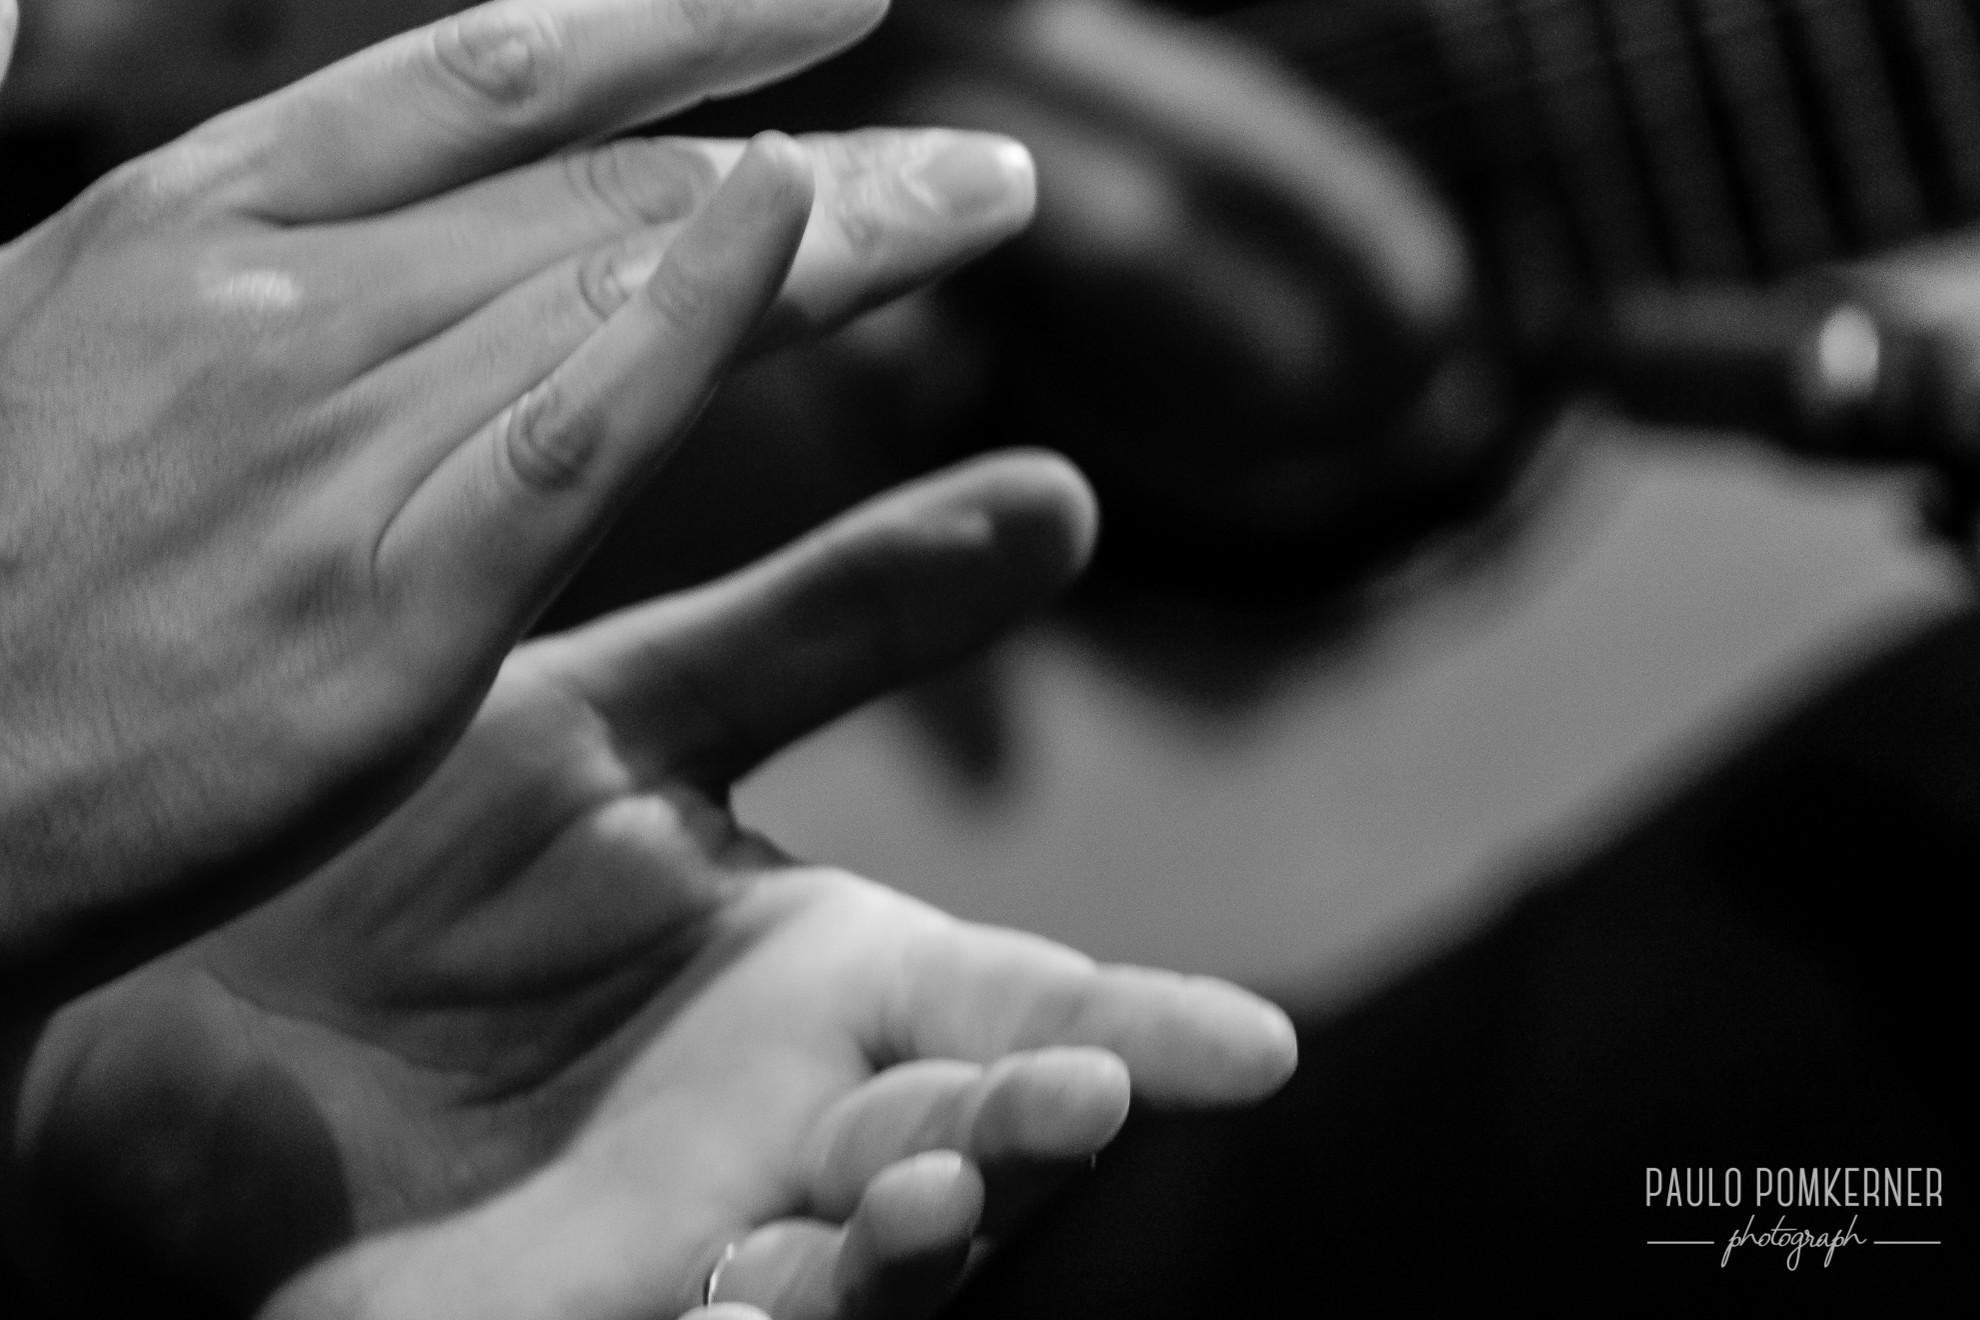 inmerson-flamenco--sergio-el-colorao-blog-paulo-pomkerner-photograph